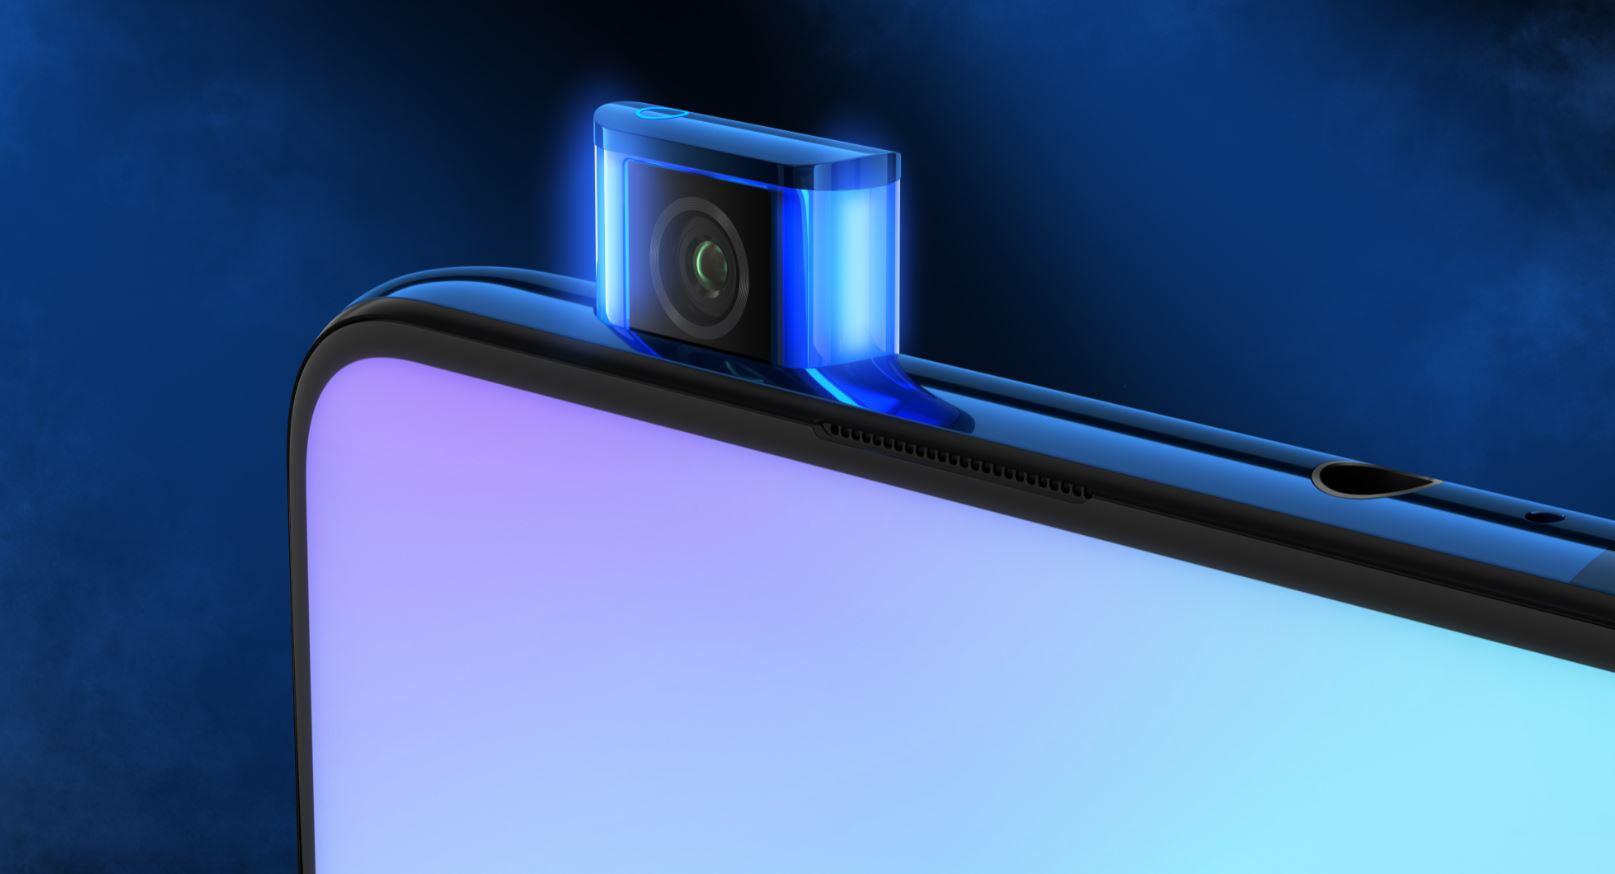 Xiaomi inicia venda do celular Mi 9T no Brasil com câmera selfie retrátil